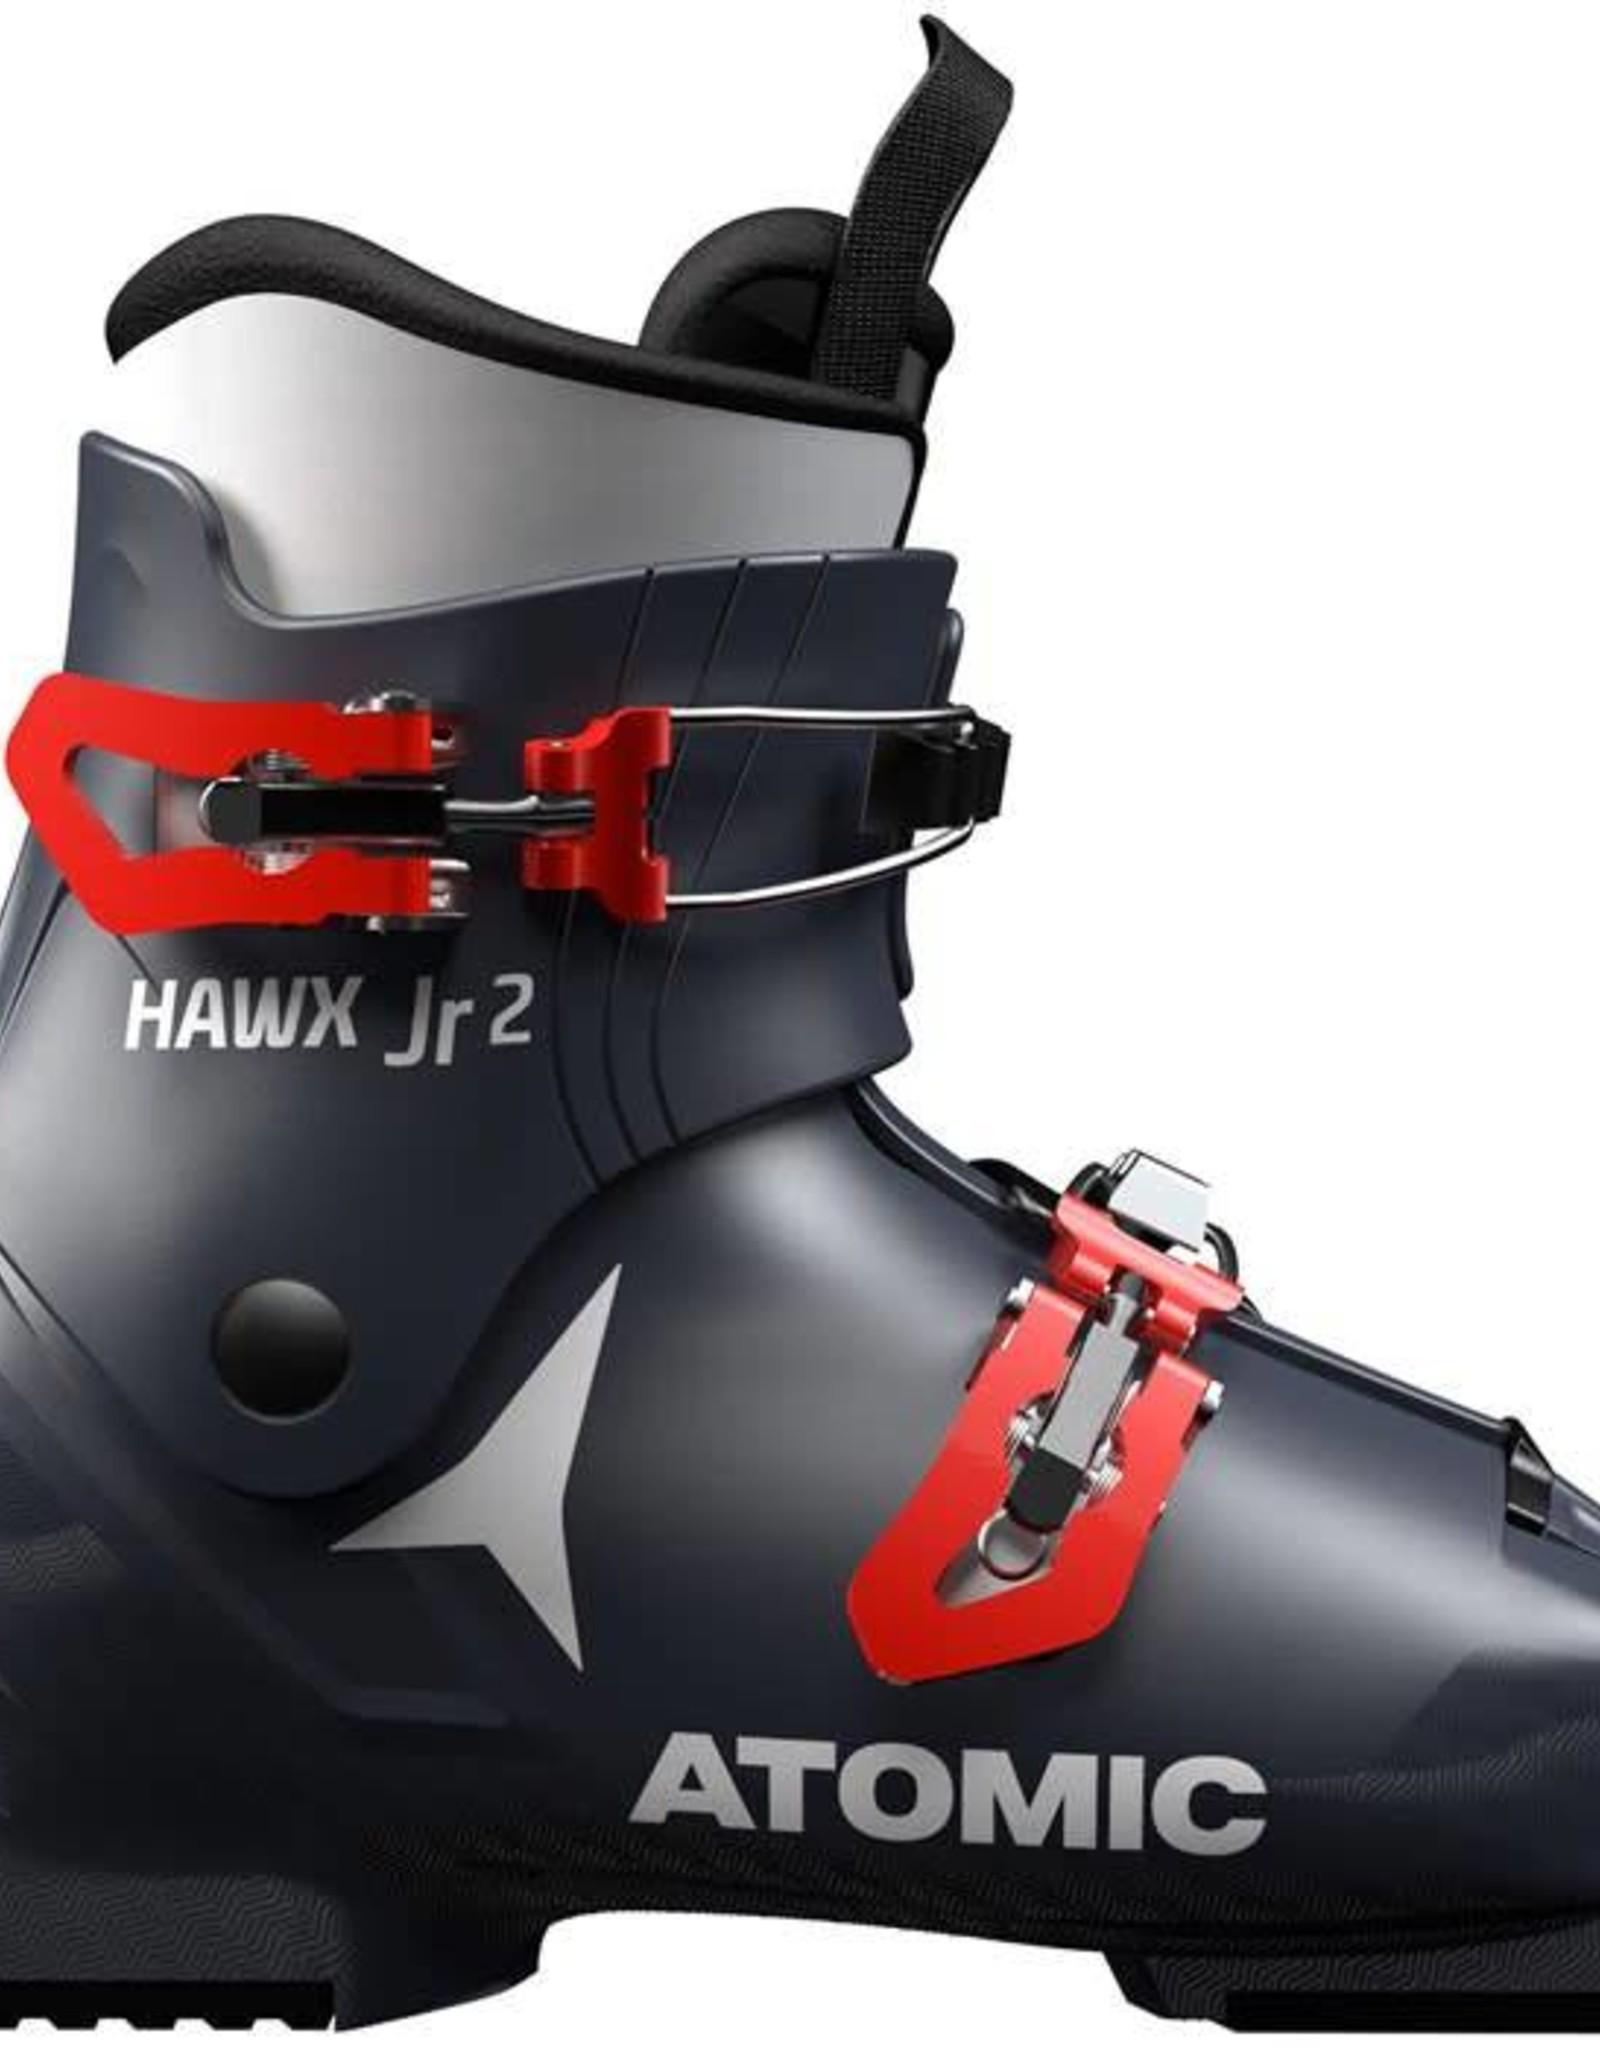 Hawx JR 2